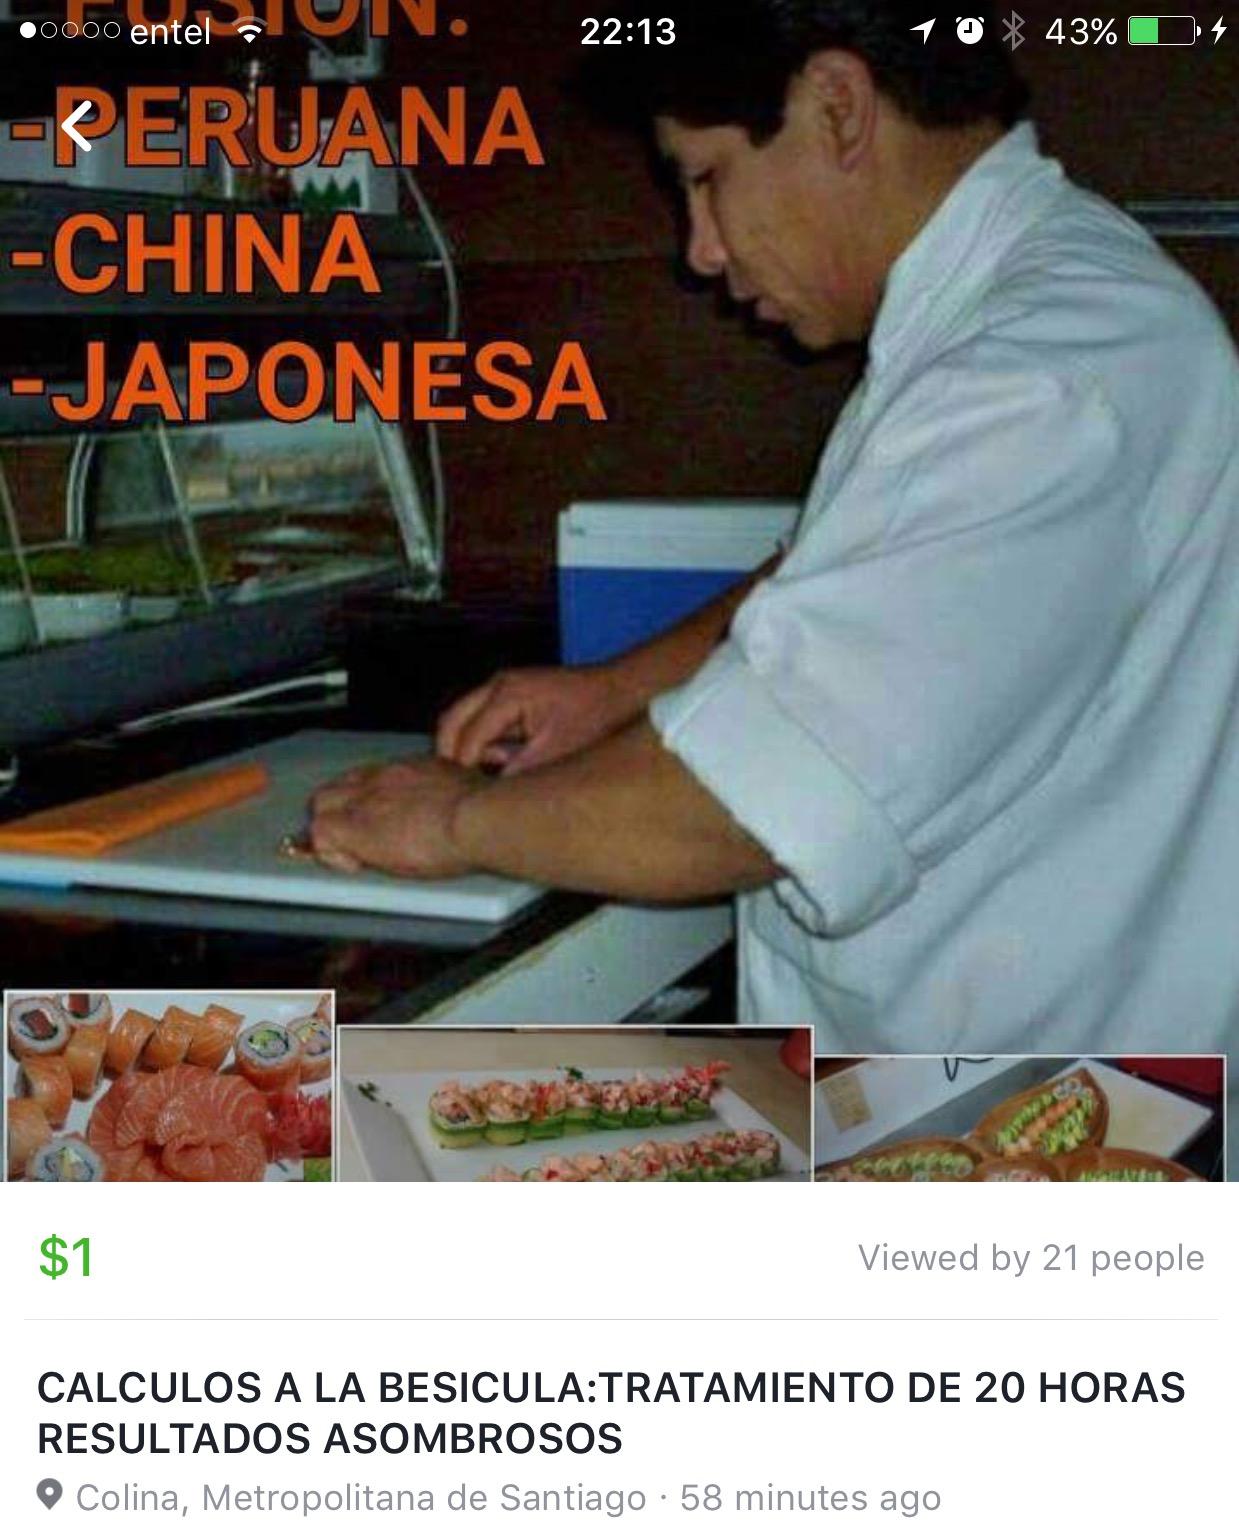 Cómo promocionar tu sushi y tus habilidades para curar los cálculos renales